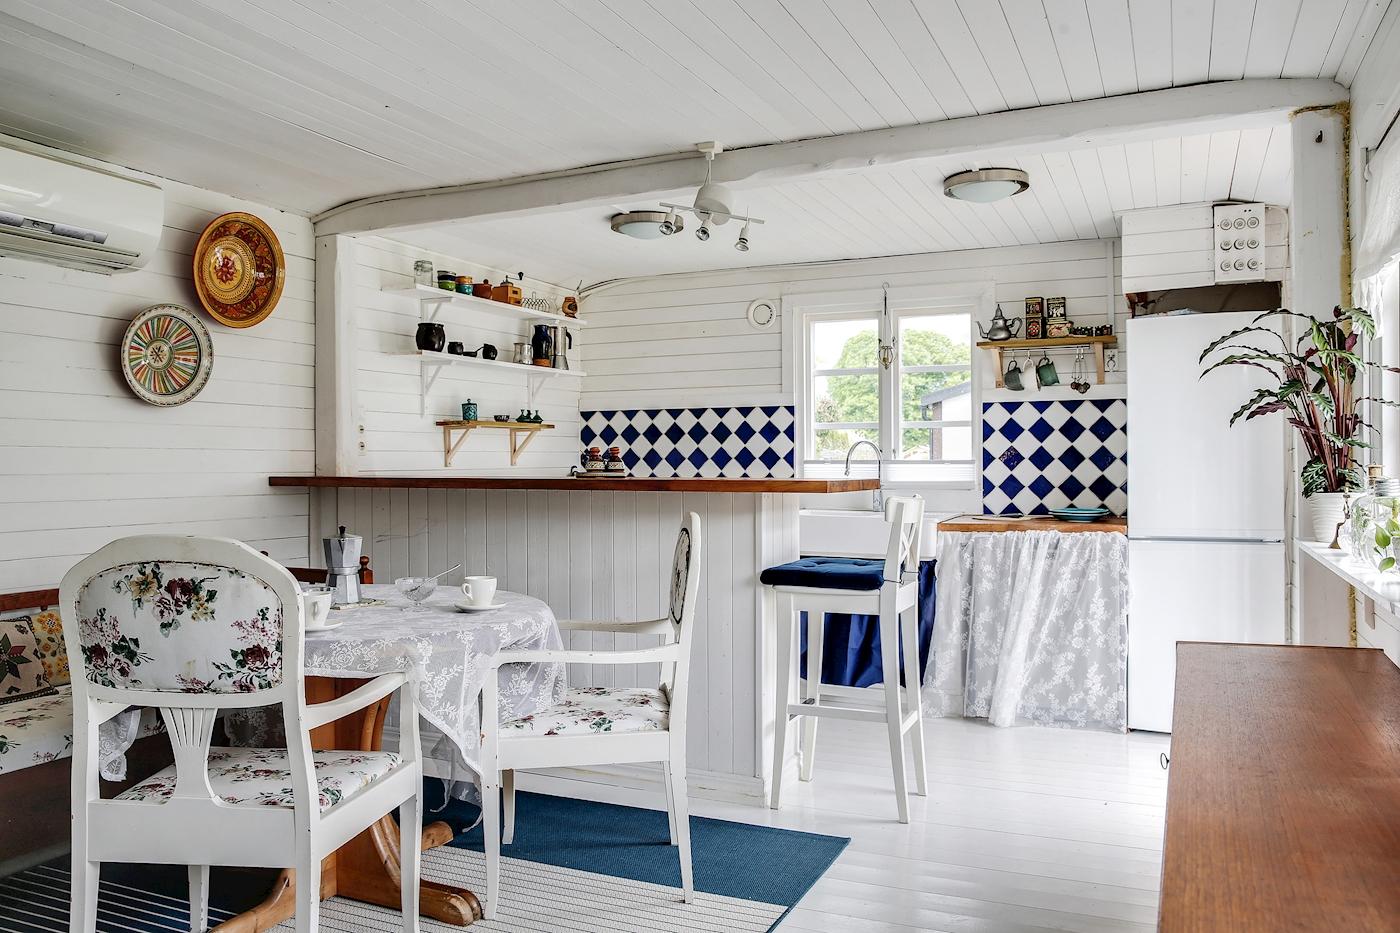 Matplats i anslutning till köket.